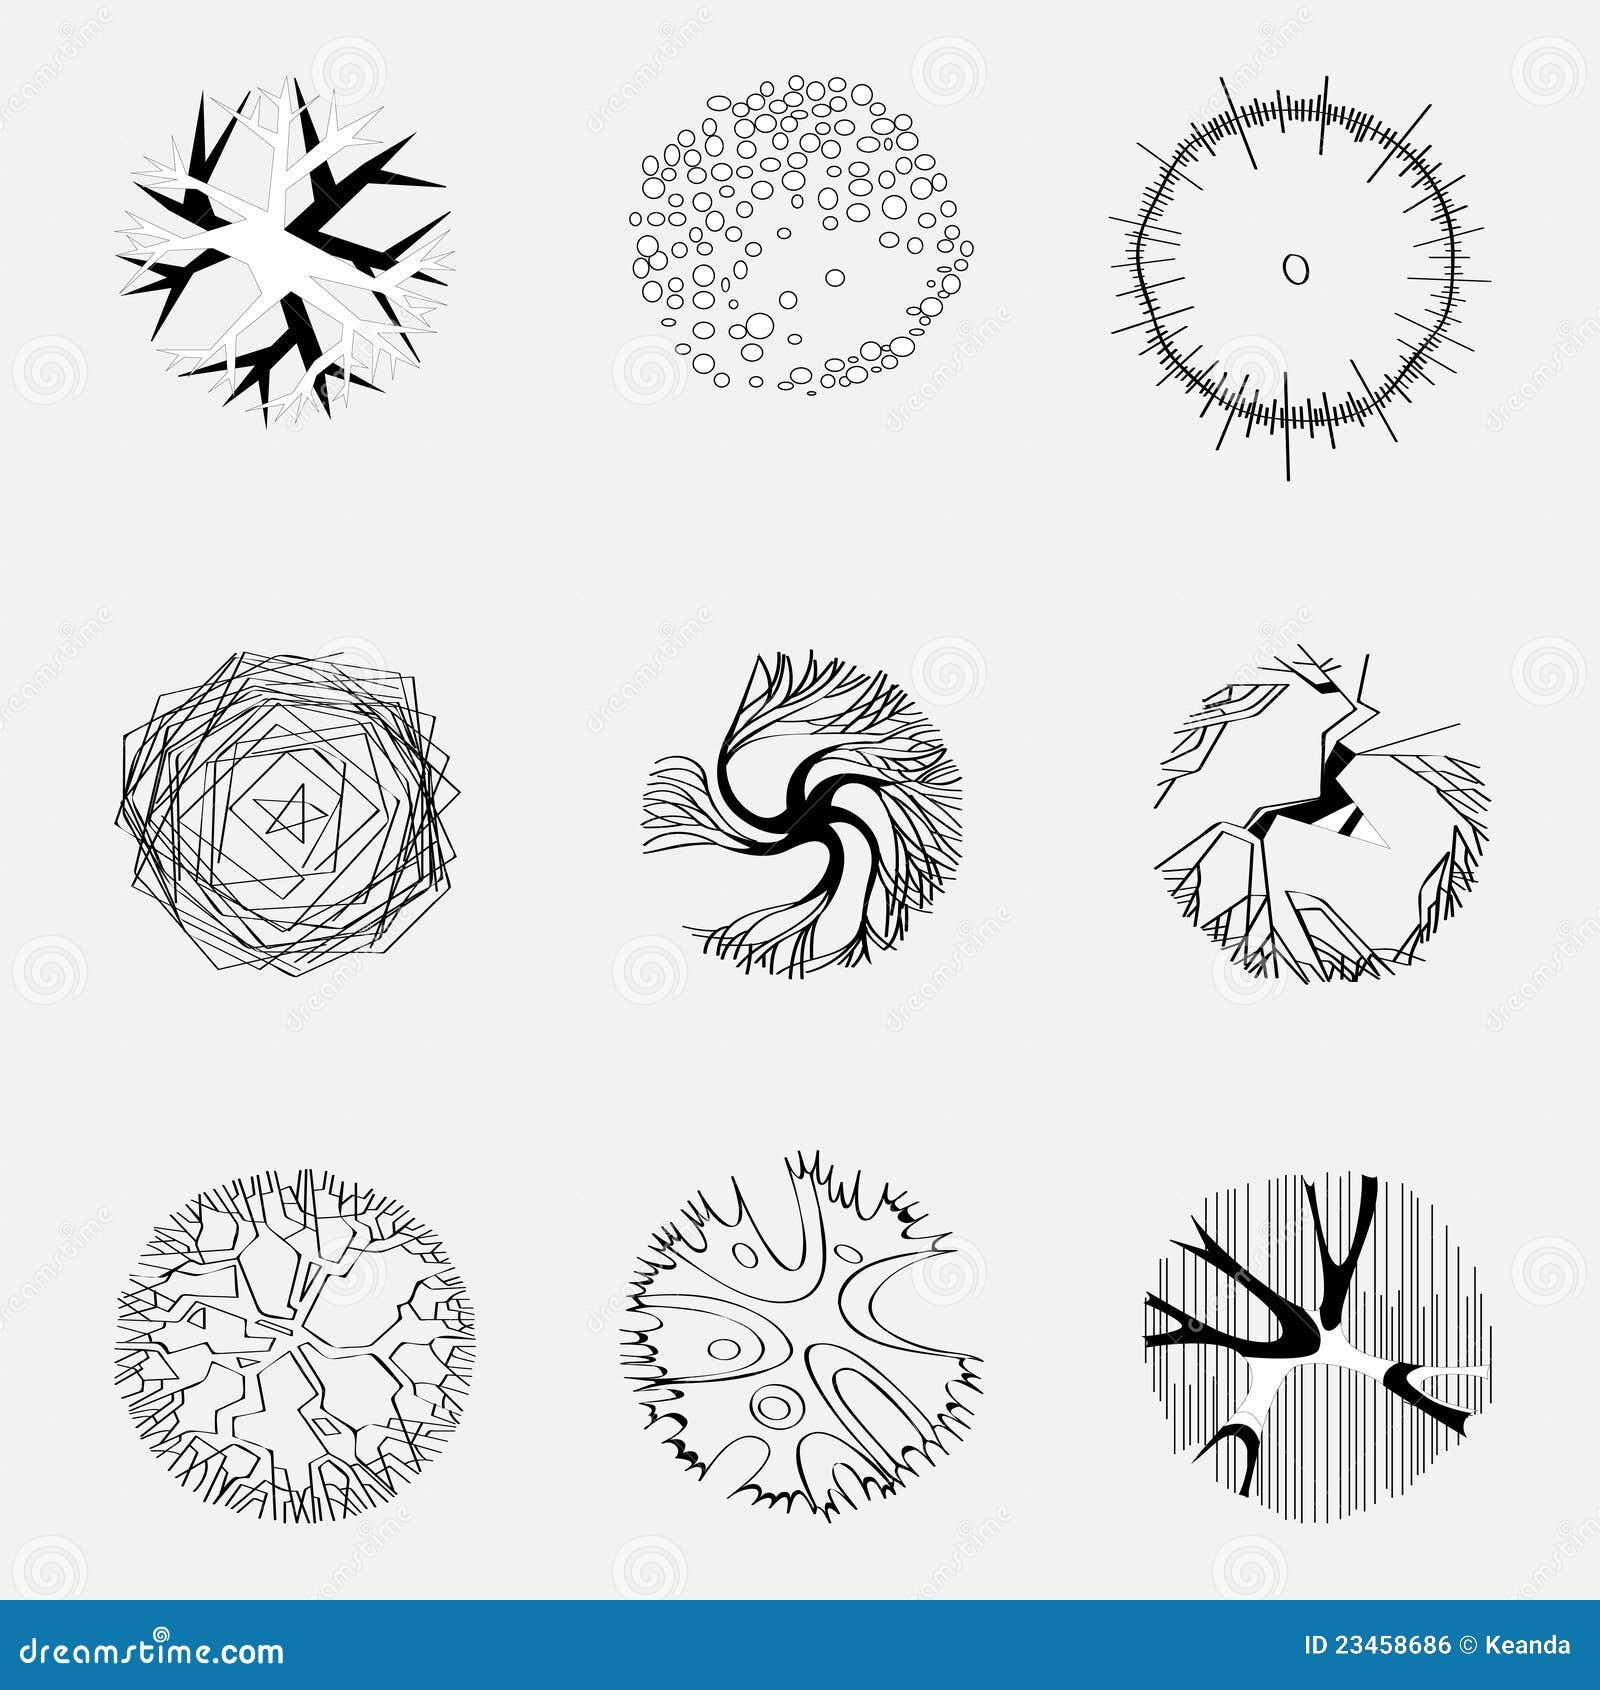 Immagine degli alberi sul programma immagine stock libera for Programma architettura gratis